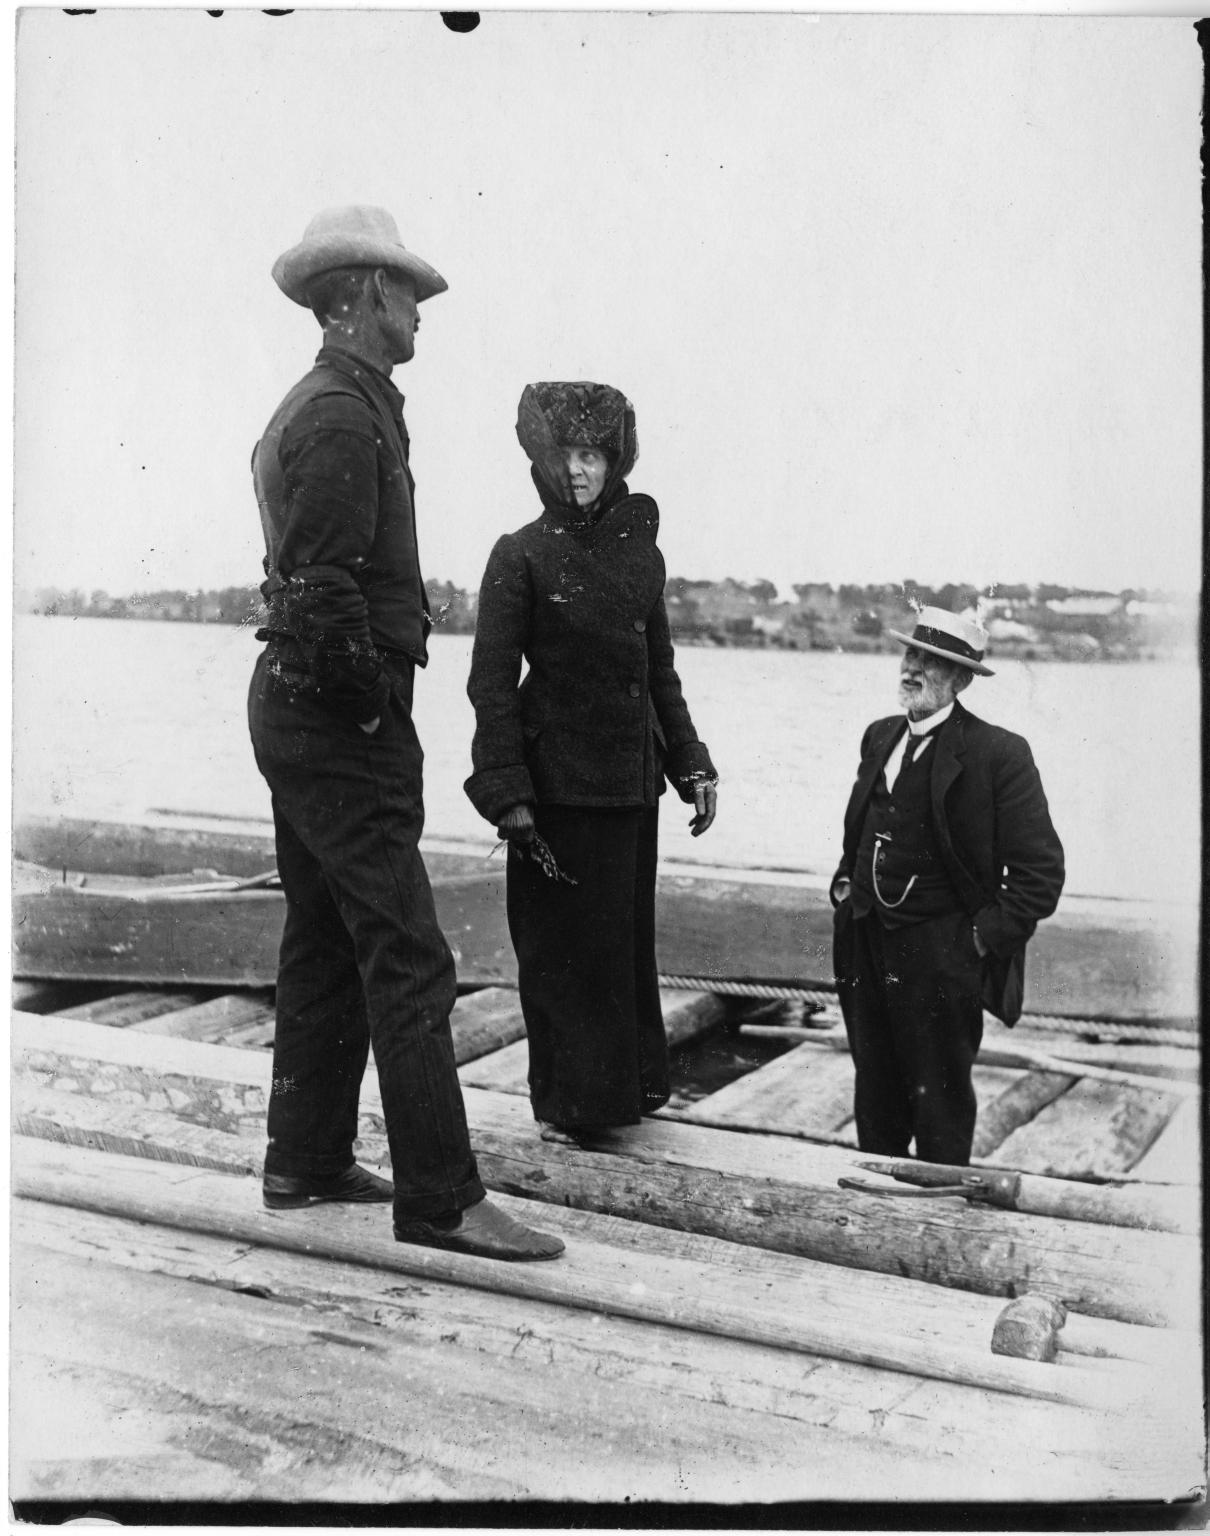 3 people on a raft